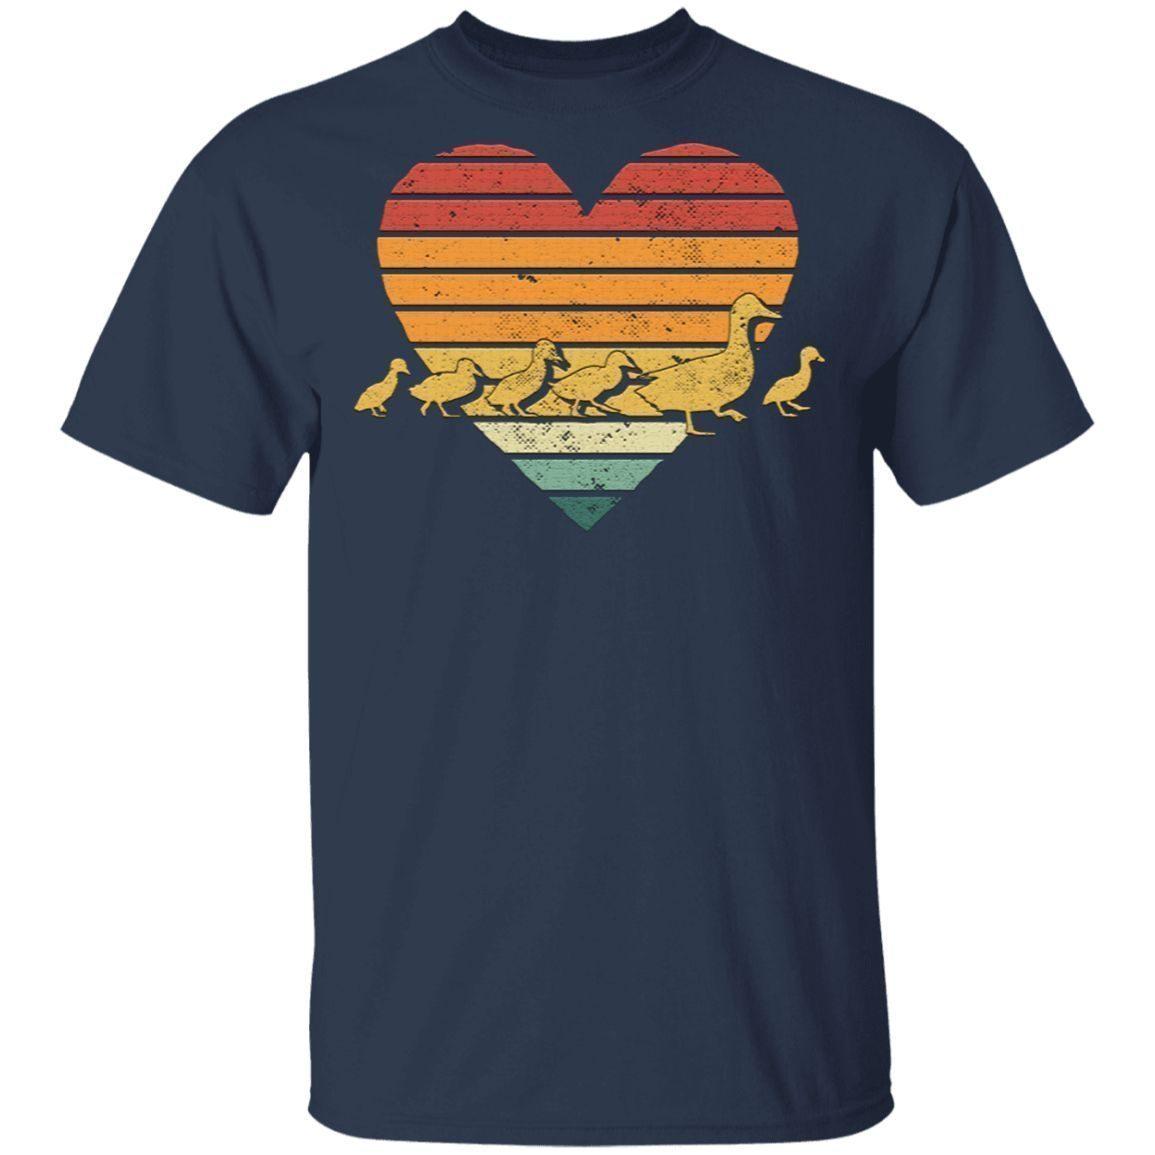 Retro Duck Family Grunge T-Shirt